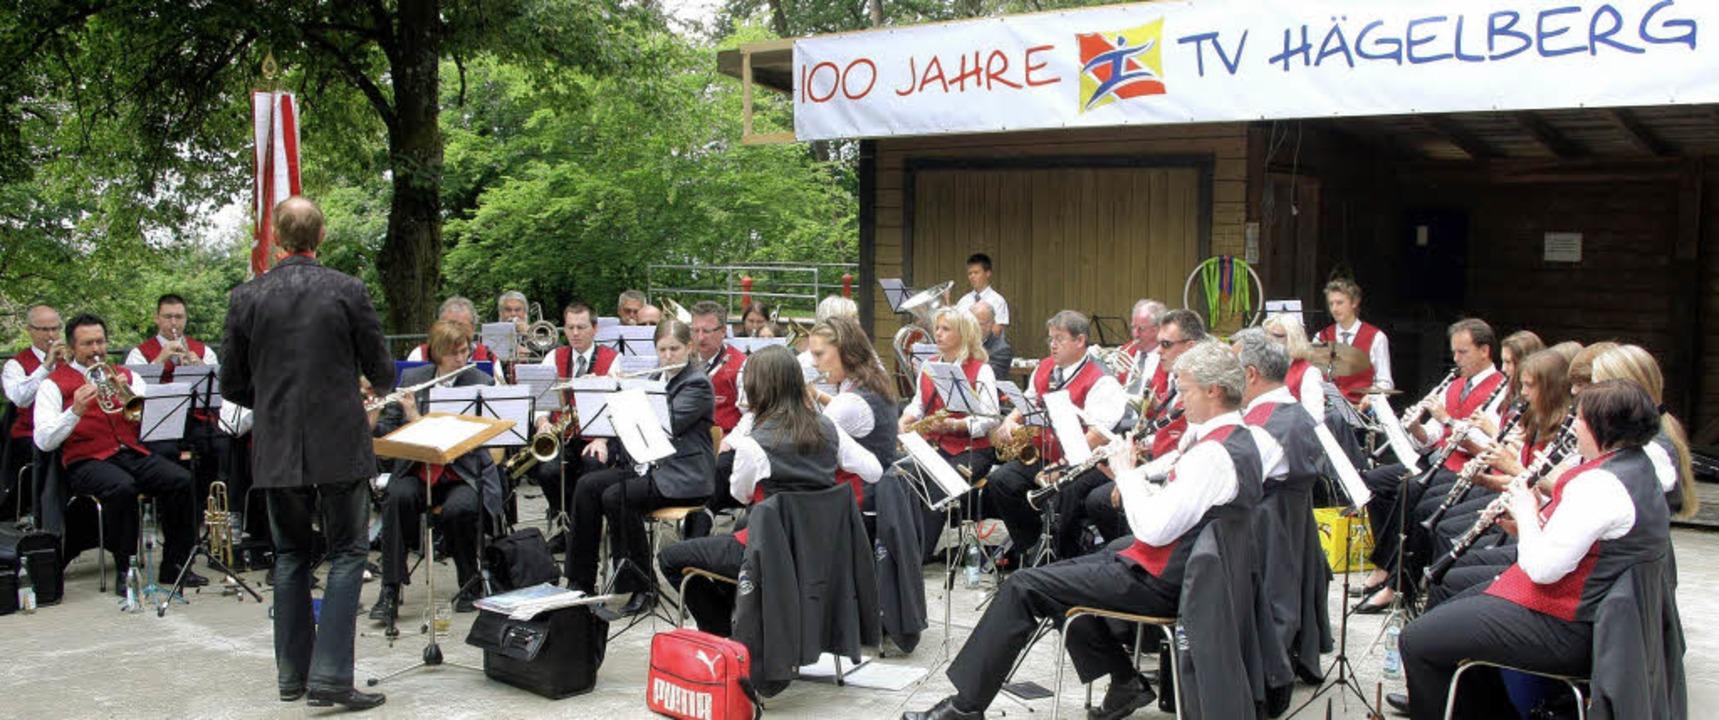 Regen Anklang fand das Jubiläumsfest &...mit seinen musikalischen Darbietungen.  | Foto: Heiner Fabry